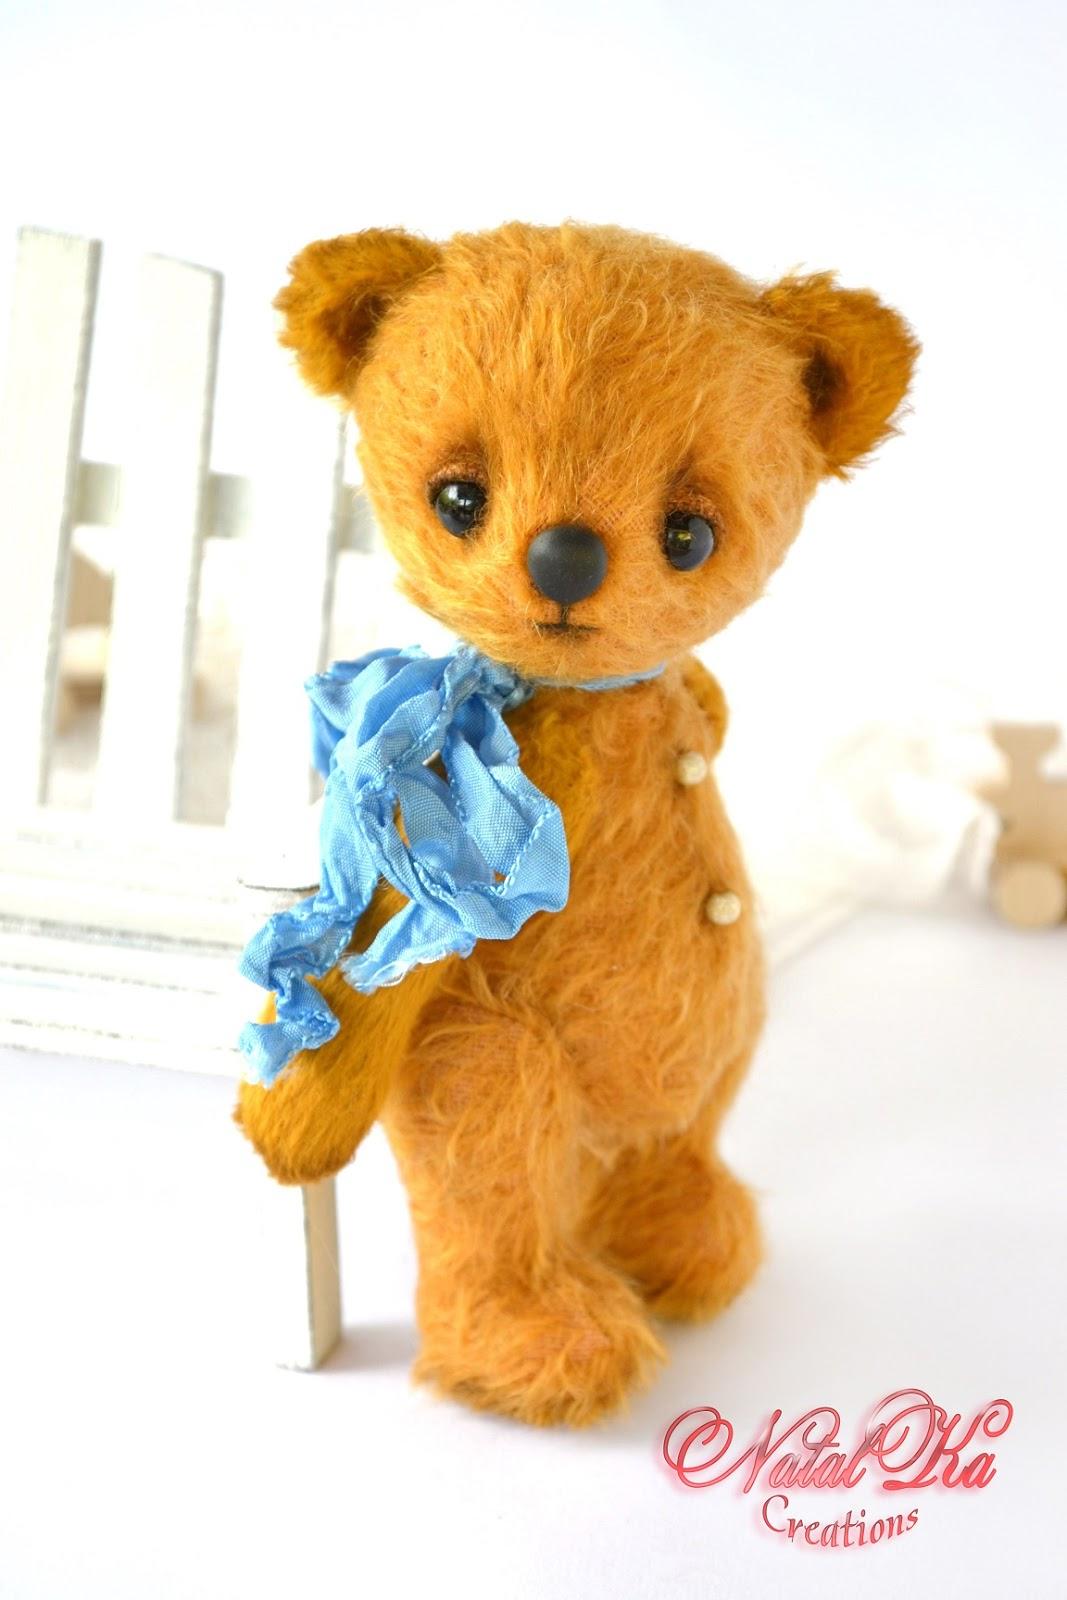 Artist teddy bear ooak handmadefrom mohair by NatalKa Creations. Künstlerbär Teddybär Sammlerbär Bär Teddy handgemacht aus Mohair von NatalKa Creations